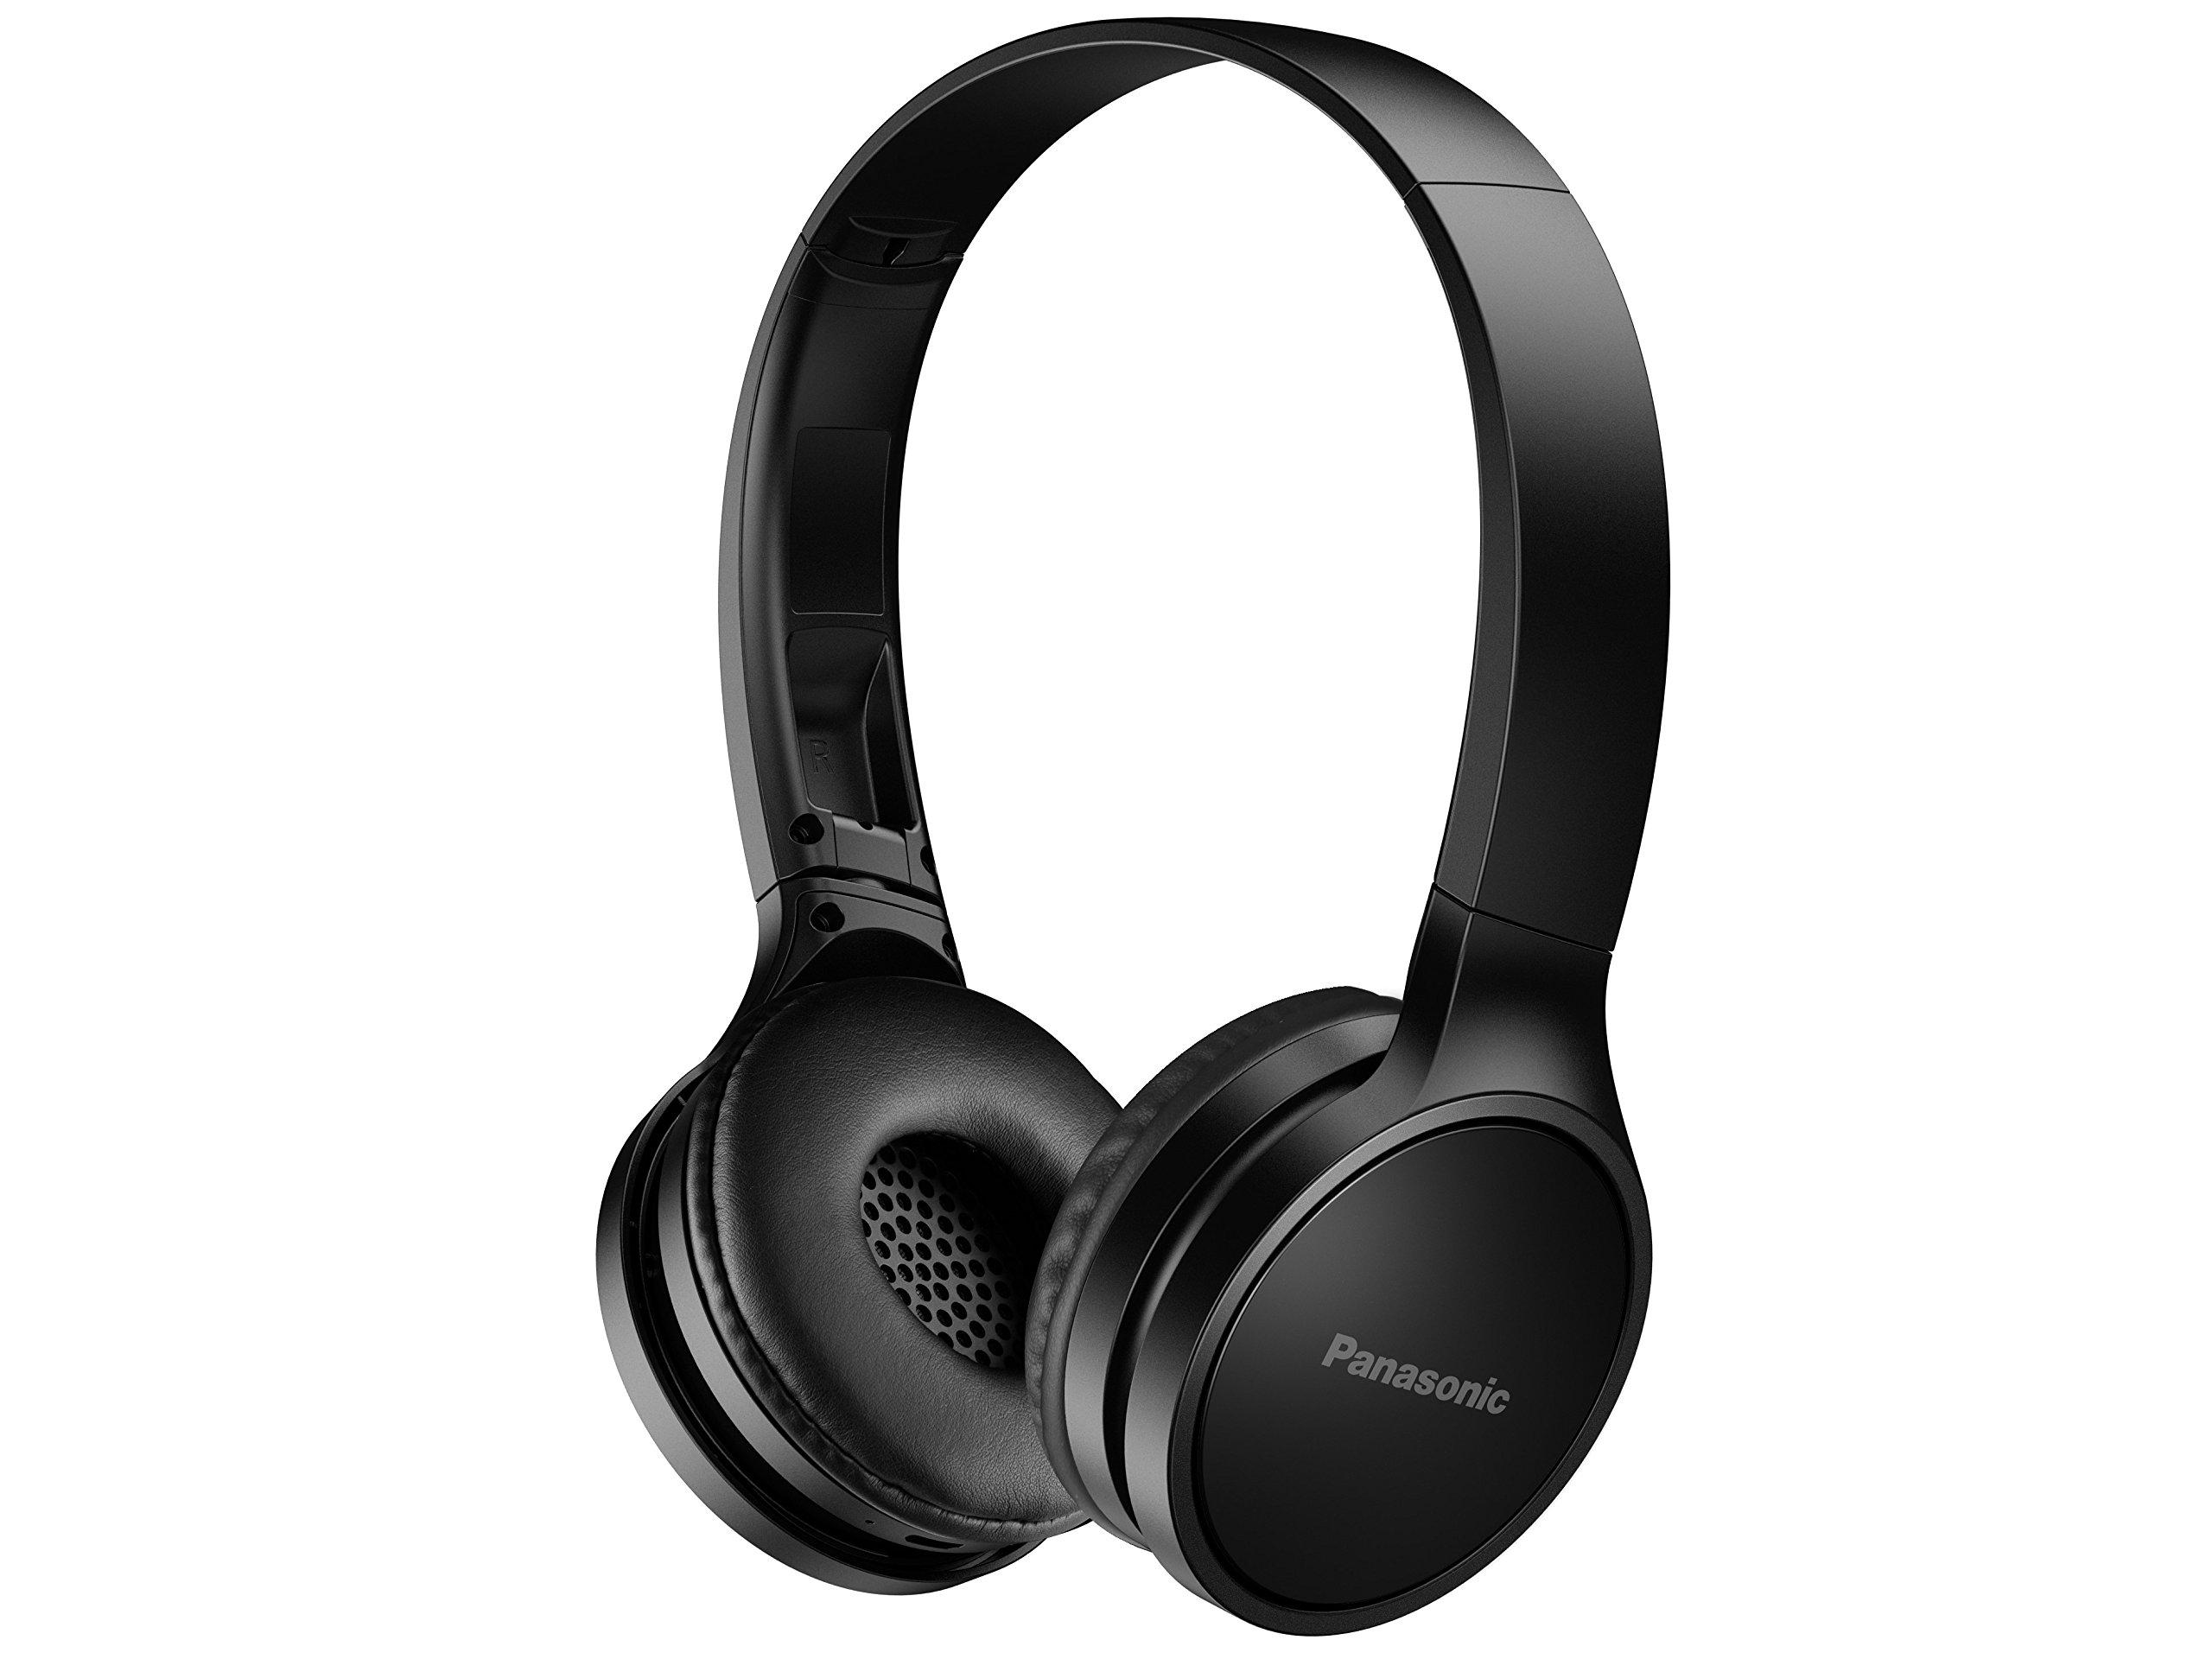 Panasonic RP-HF400B-K Bluetooth On-Ear Headphones Black